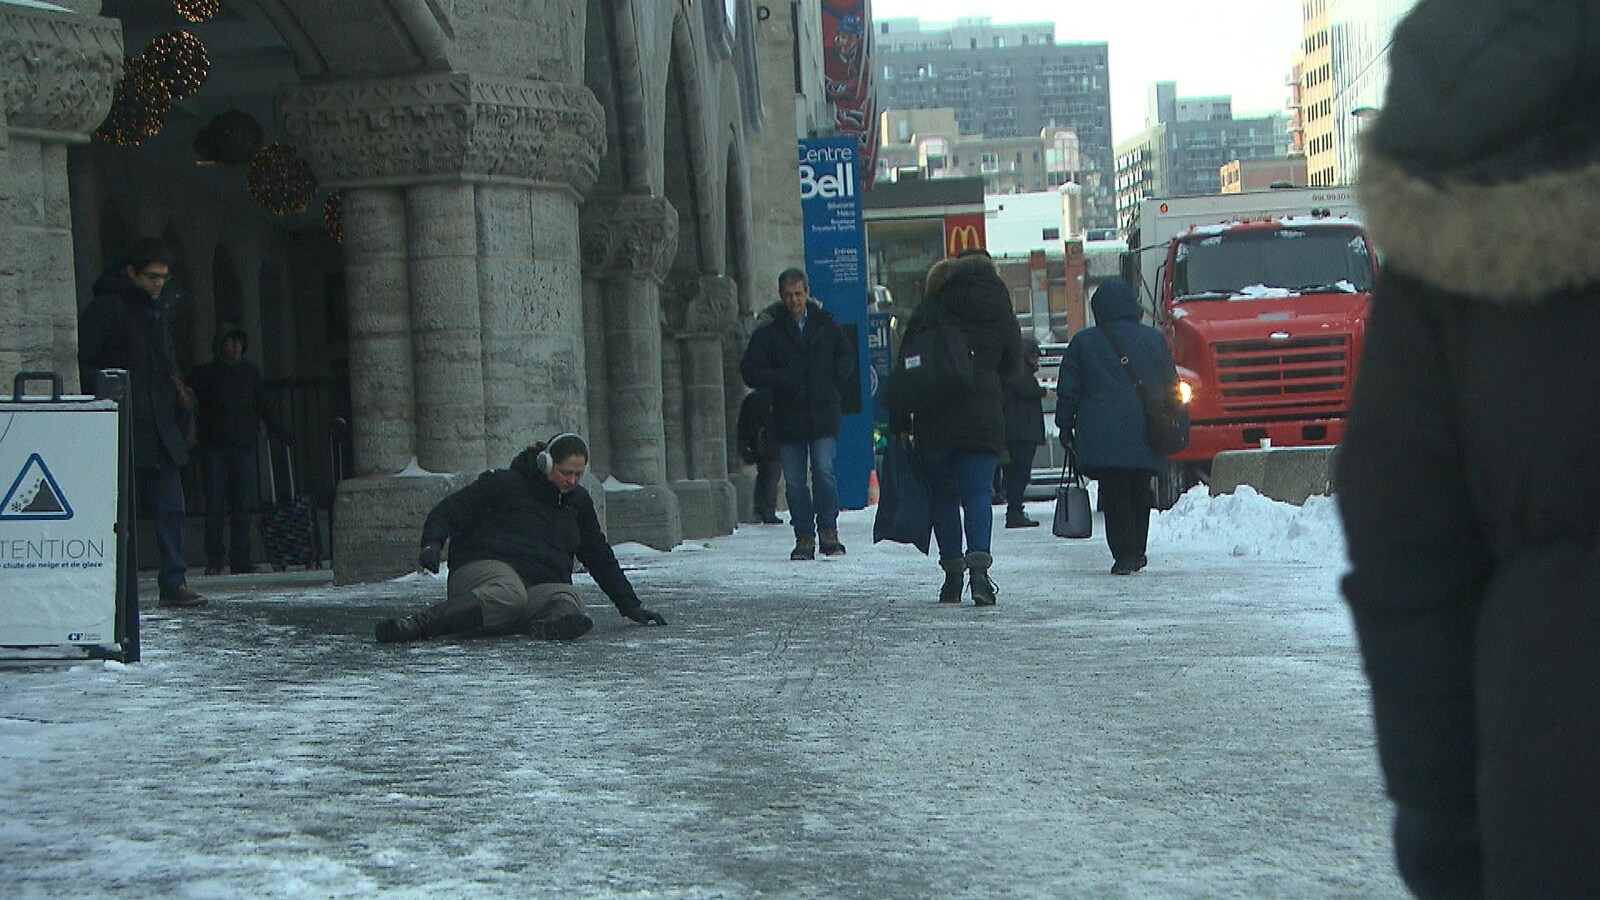 Une femme est tombée sur les fesses devant la gare Centrale de Montréal.